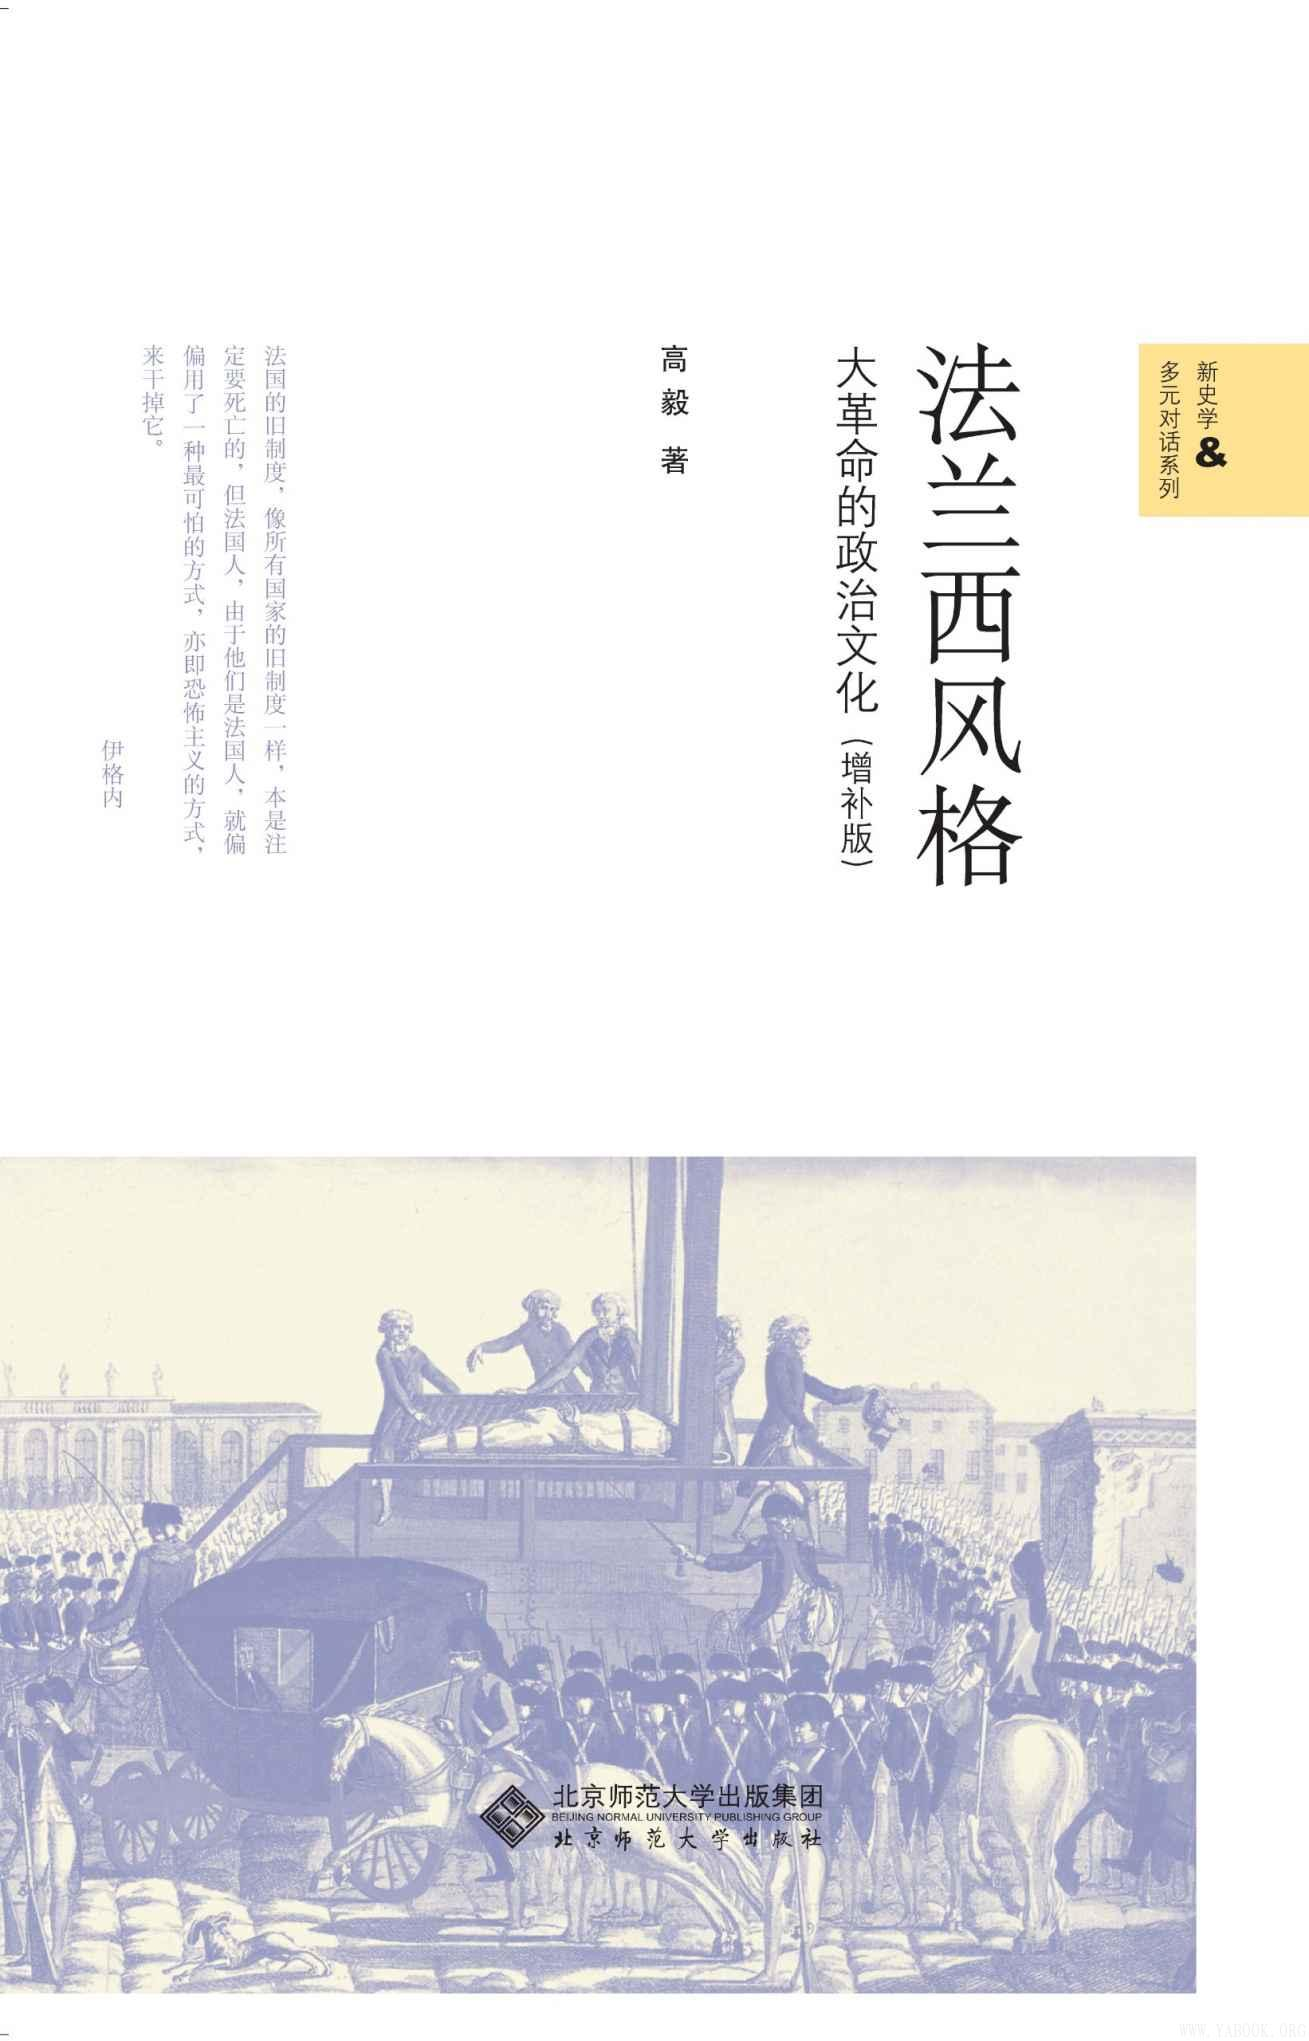 《法兰西风格:大革命的政治文化(增补版)》文字版电子书[PDF]